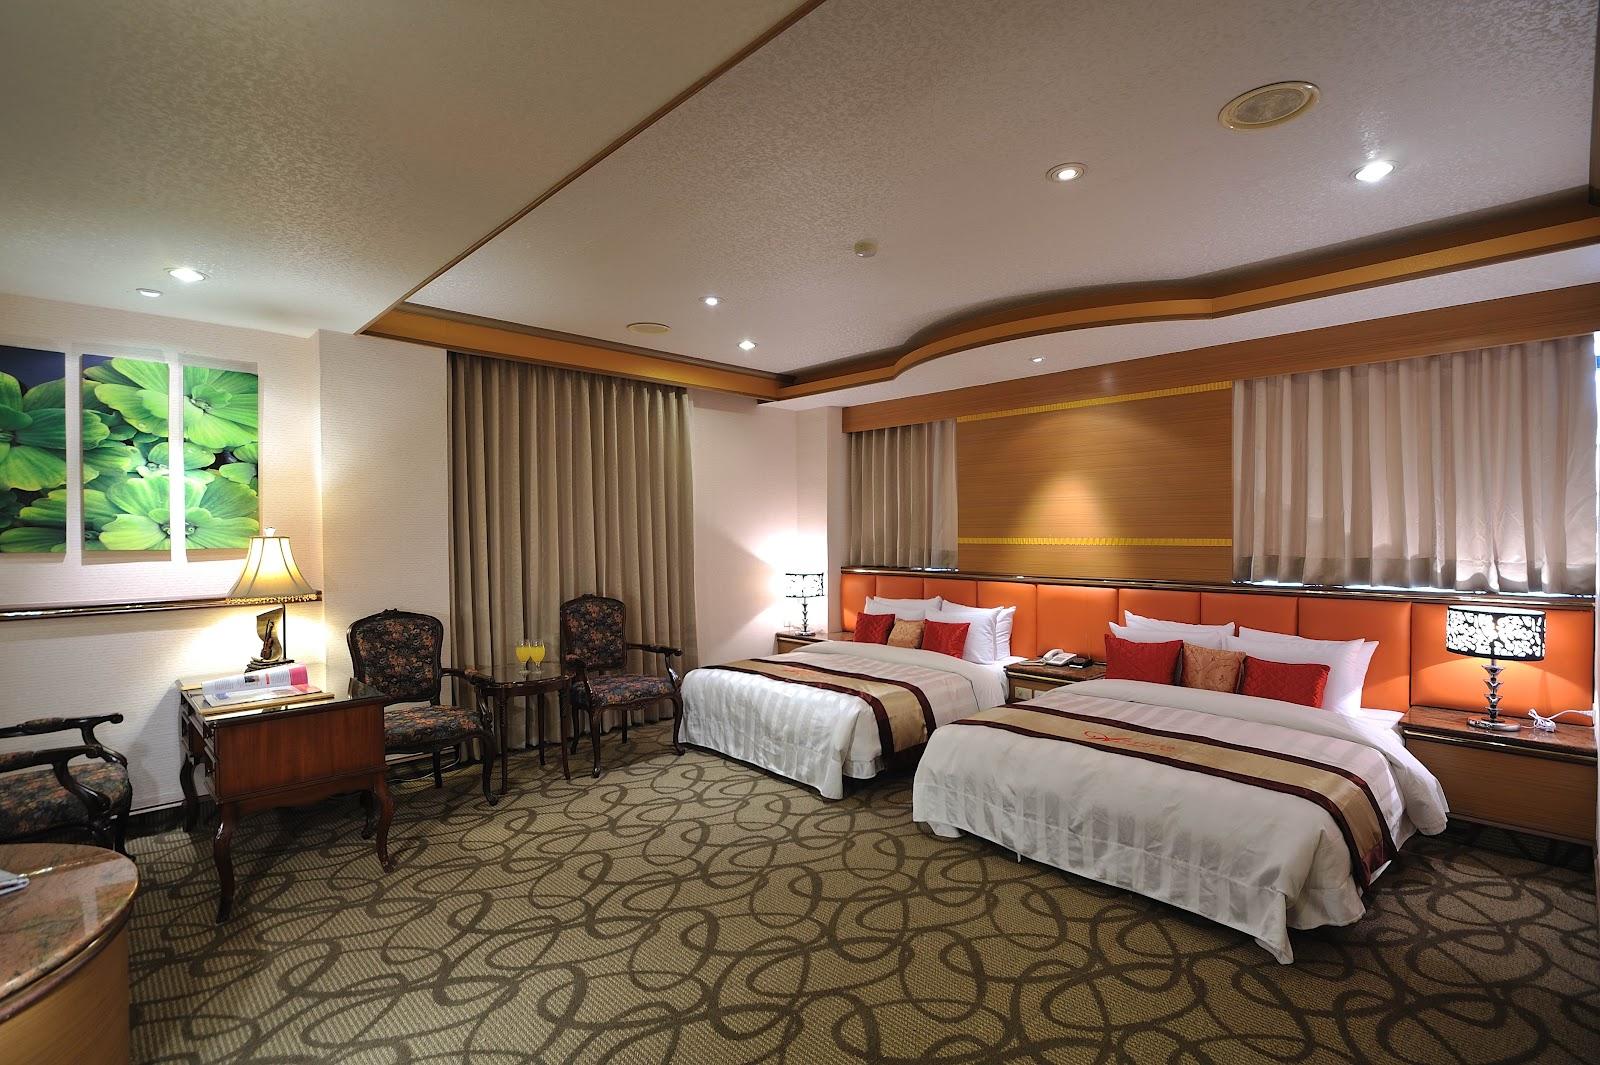 文賓大飯店經典家庭房